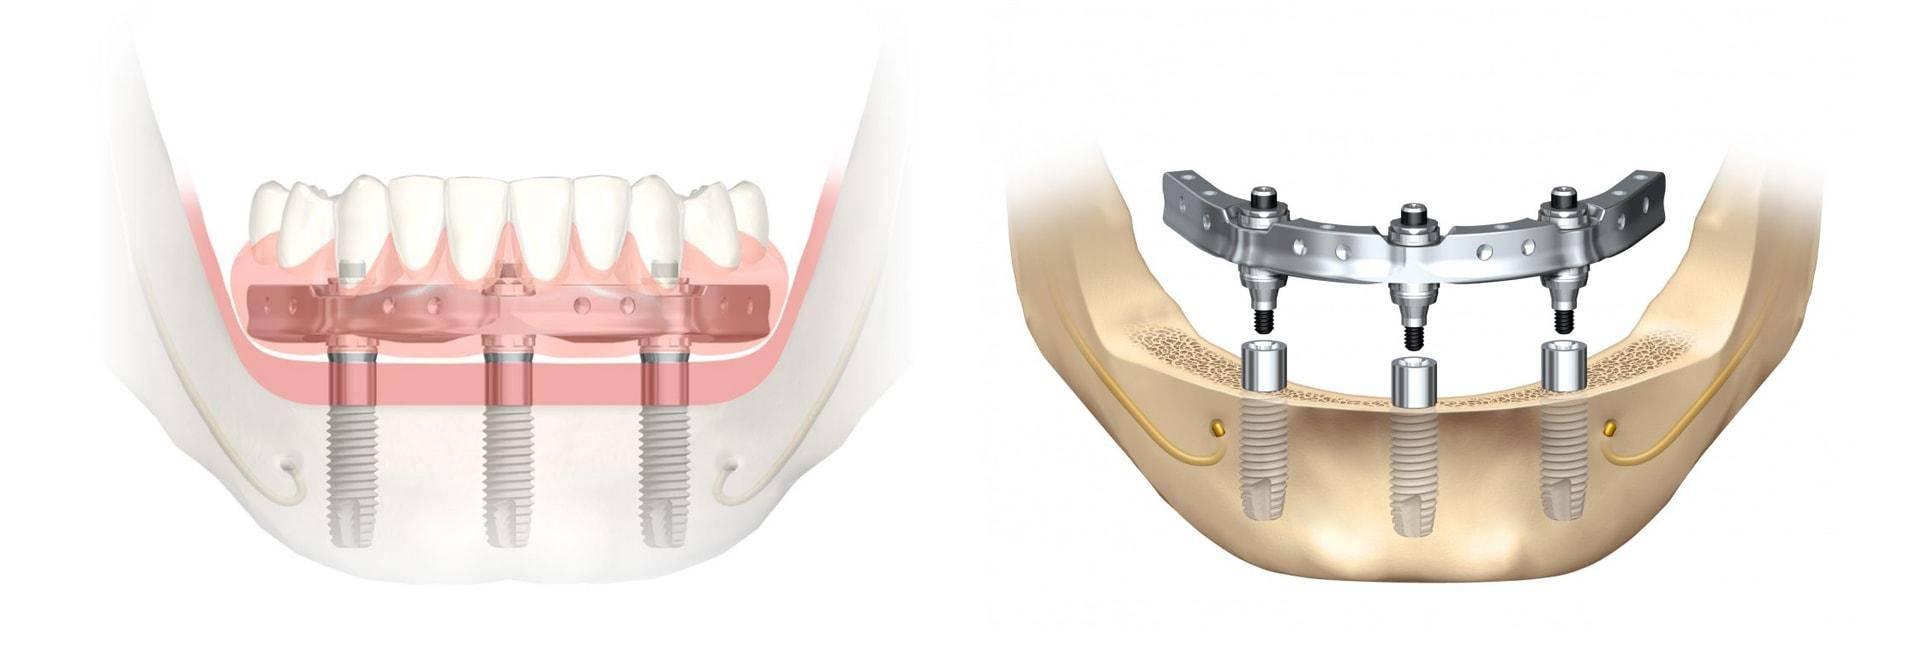 Mis seven - имплантат с шестигранным соединением | mis implants russia